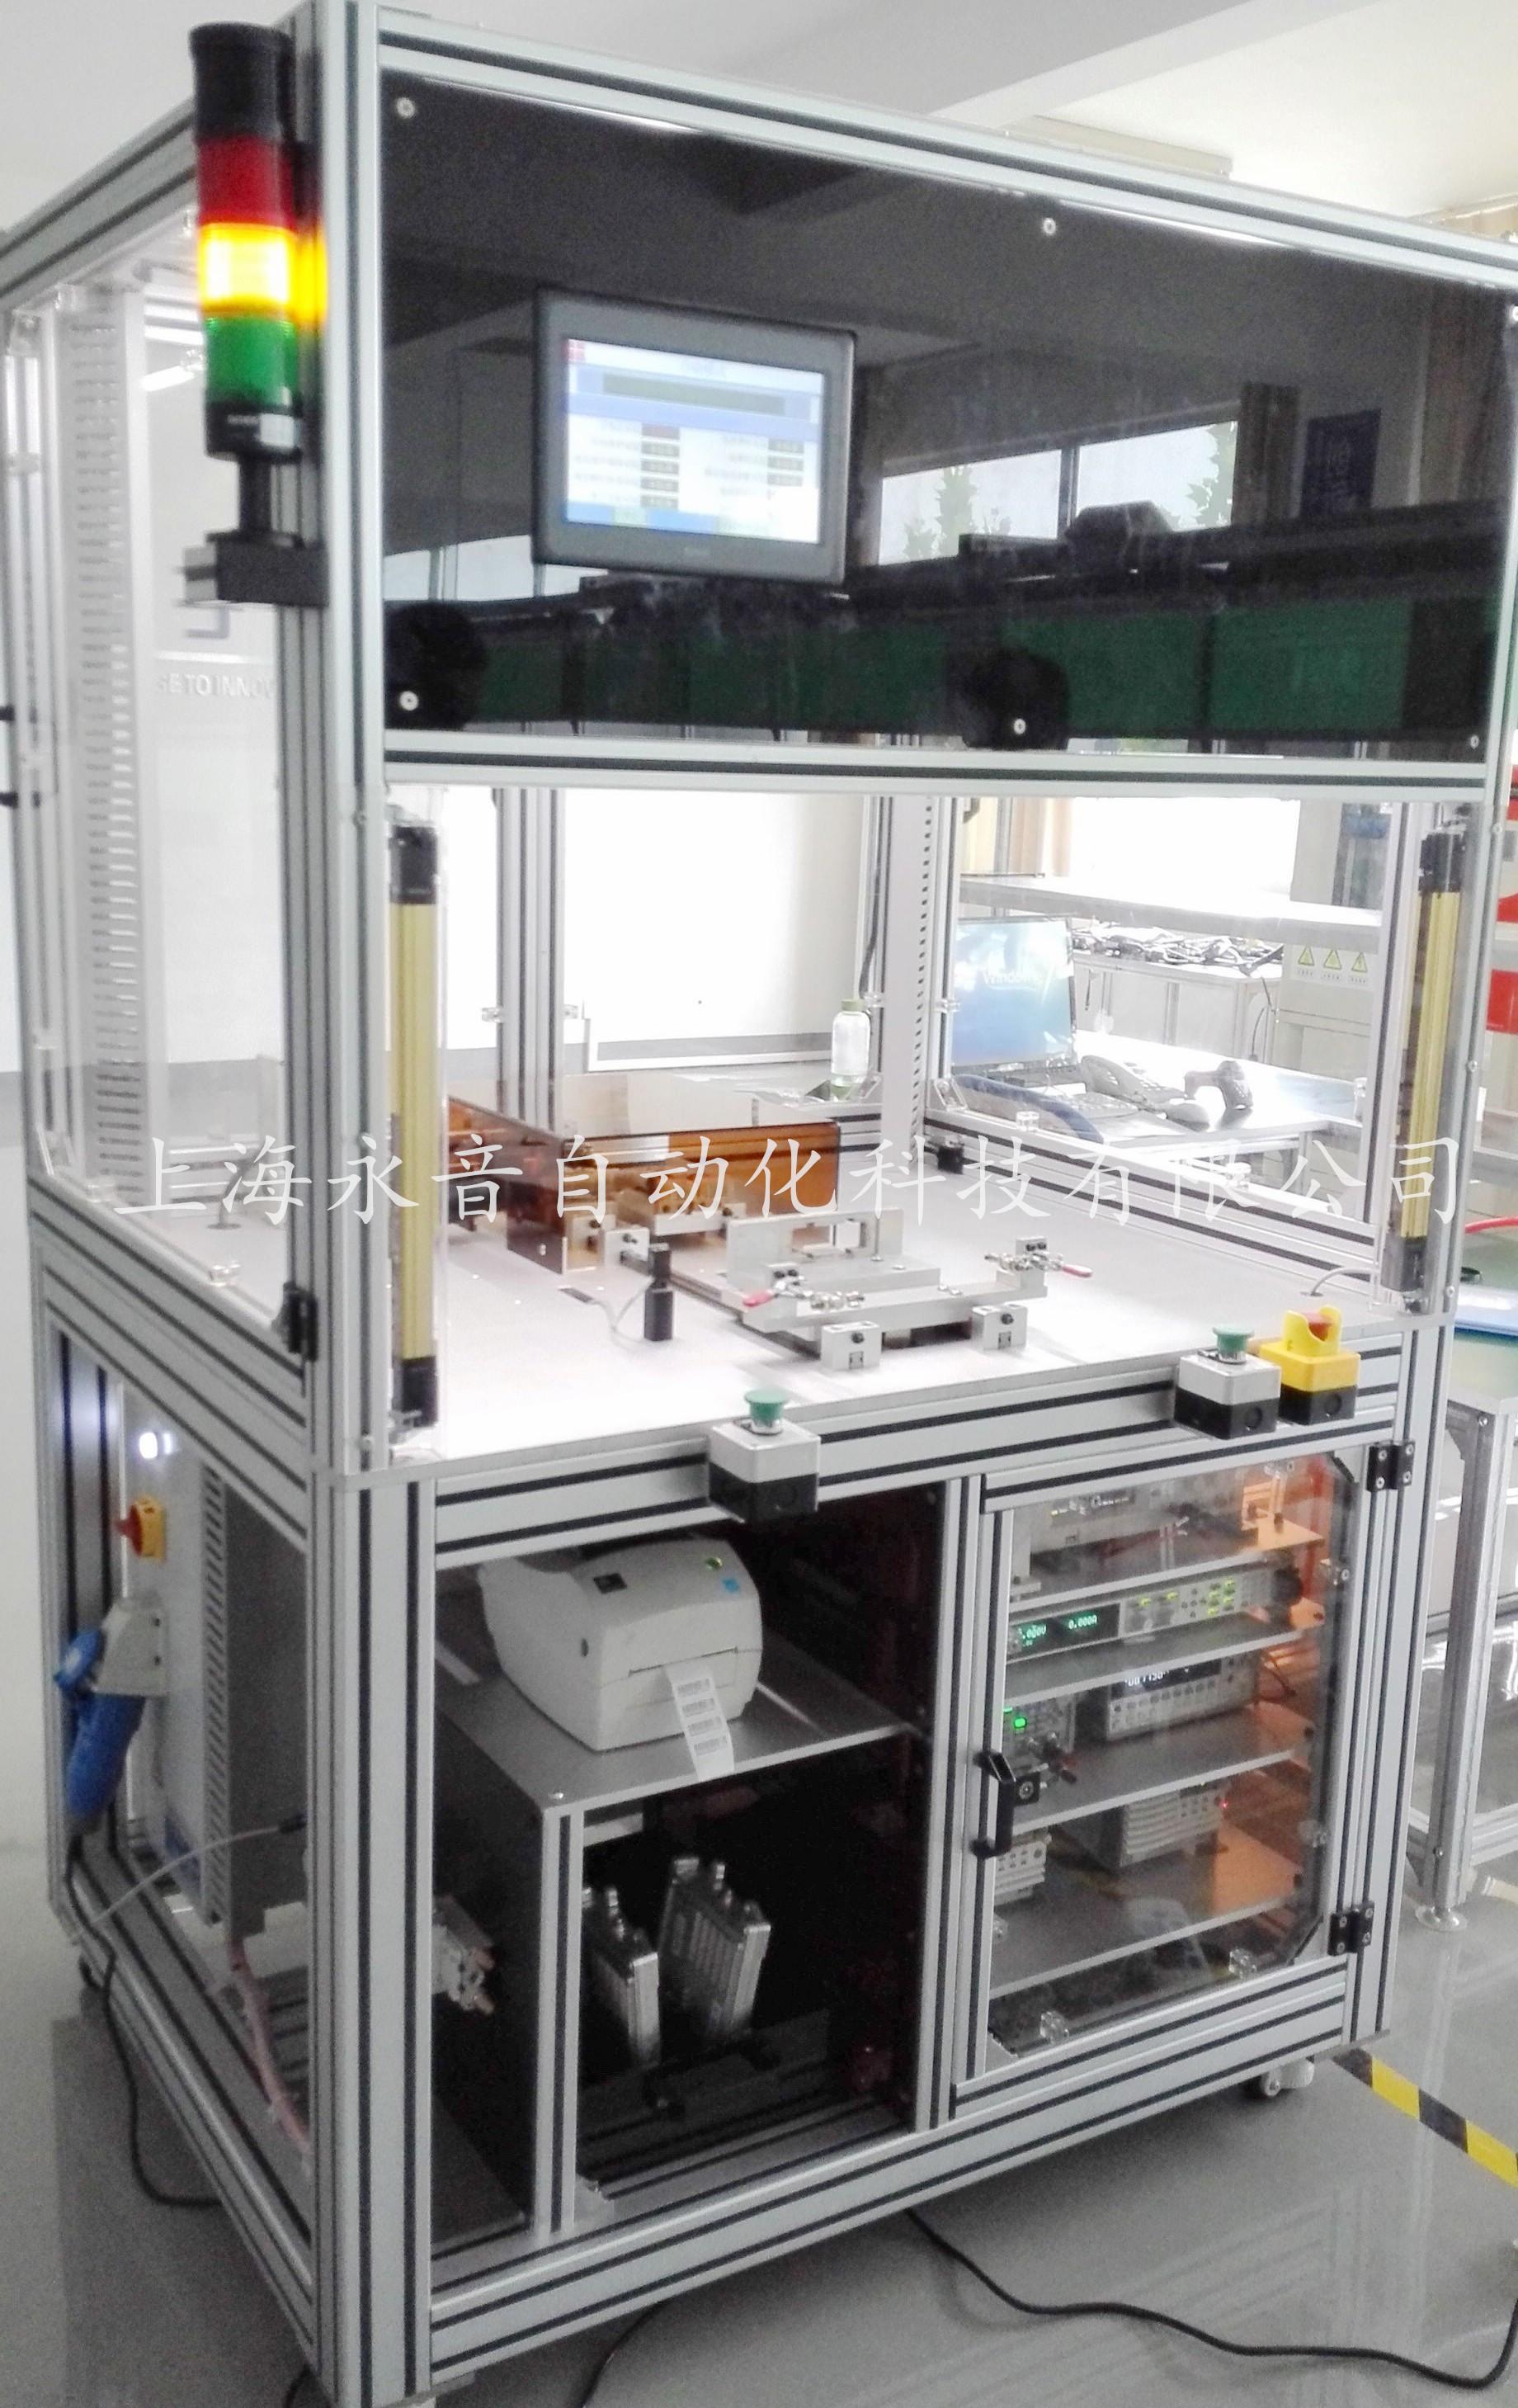 测试设备生产厂家,测试设备